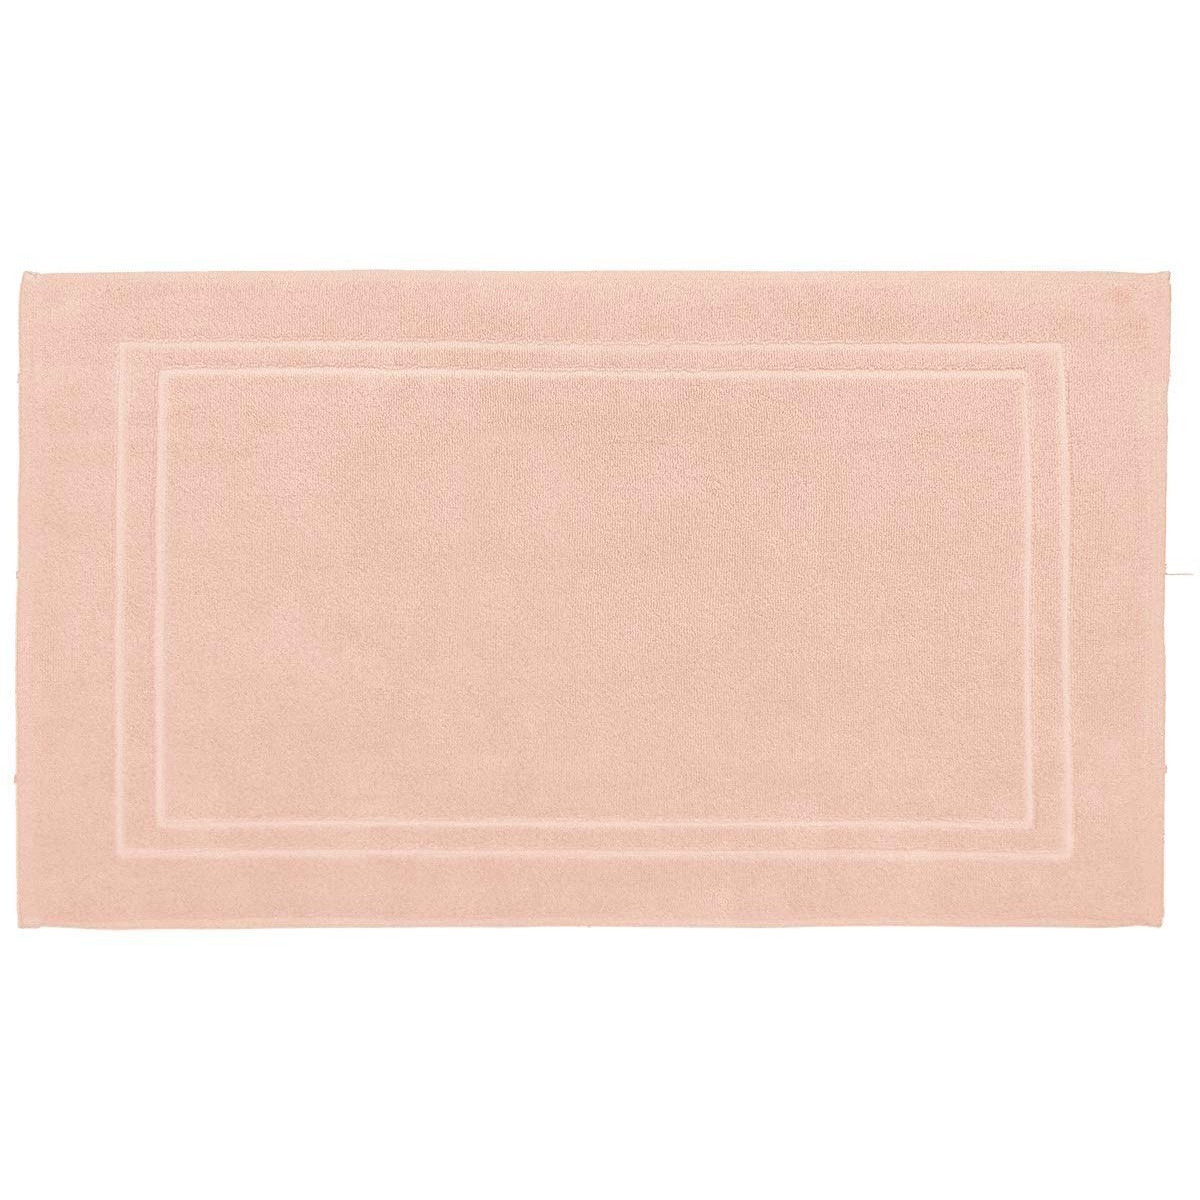 LUXURY - Tapis de bain 900gr/m²  Poudre 50x80 cm